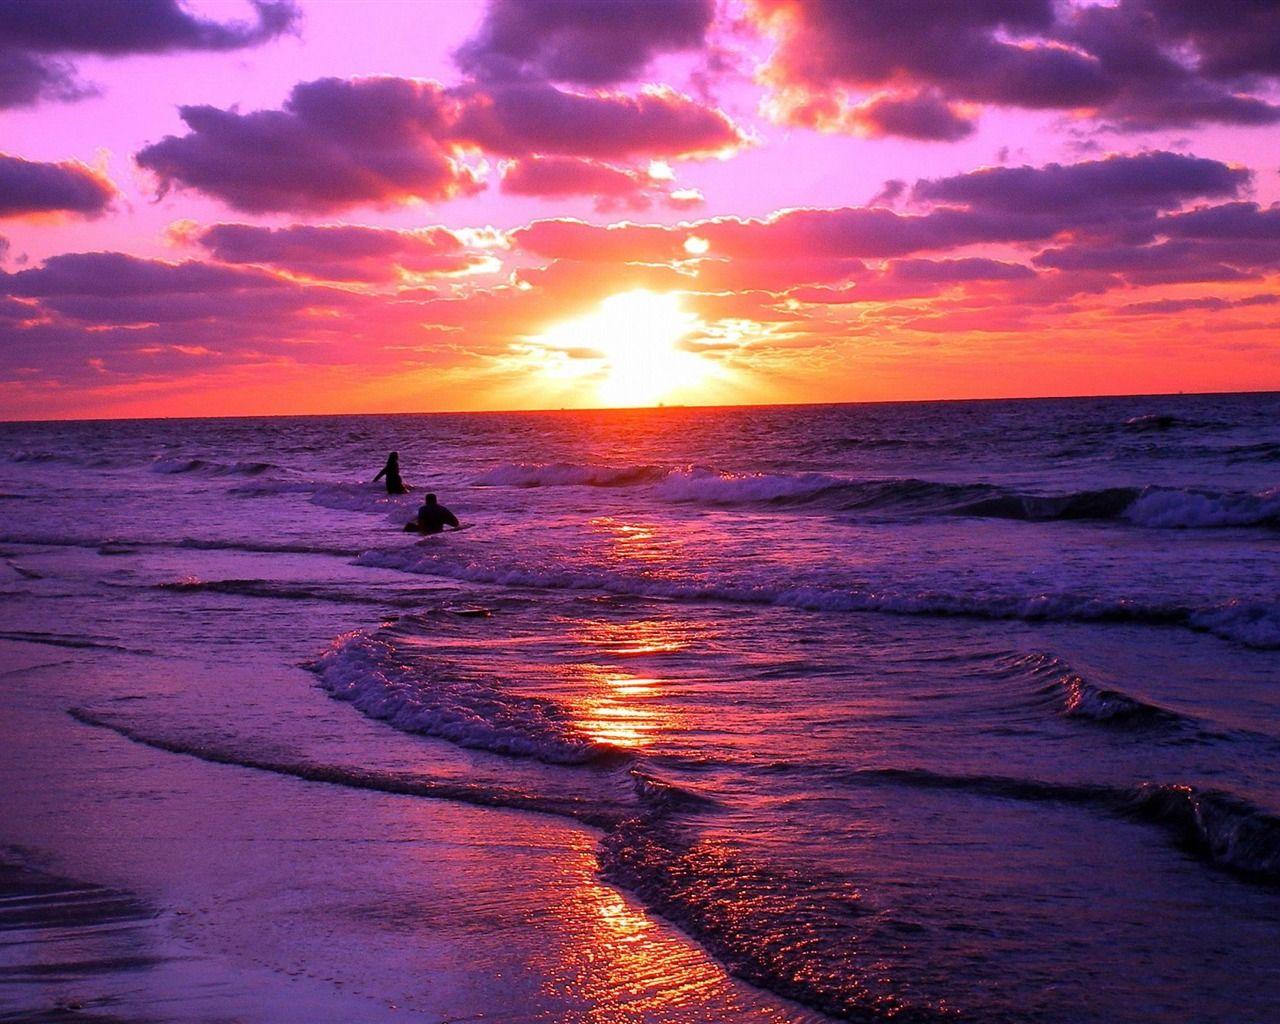 赤い夕日 ビーチの風景壁紙 1280x1024 壁紙ダウンロード 風景 風景の壁紙 壁紙ダウンロード